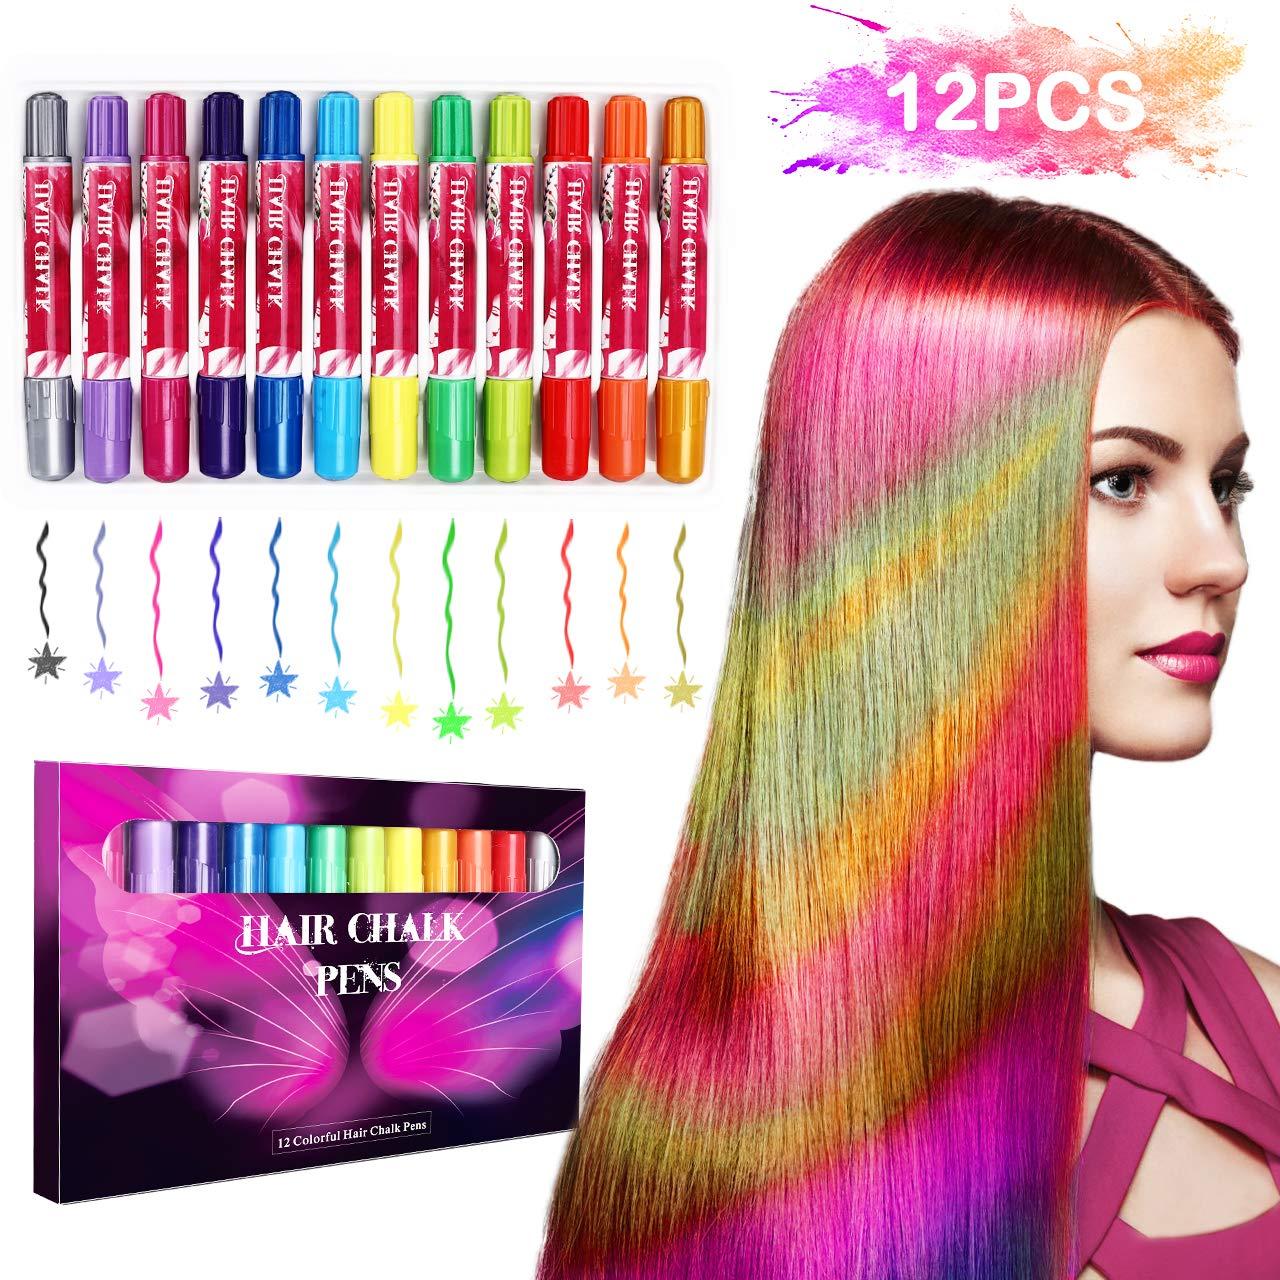 halloween Buluri 12 colores Set de tiza para el cabello,Tinte para el cabello plumas de tiza profesionales para el…